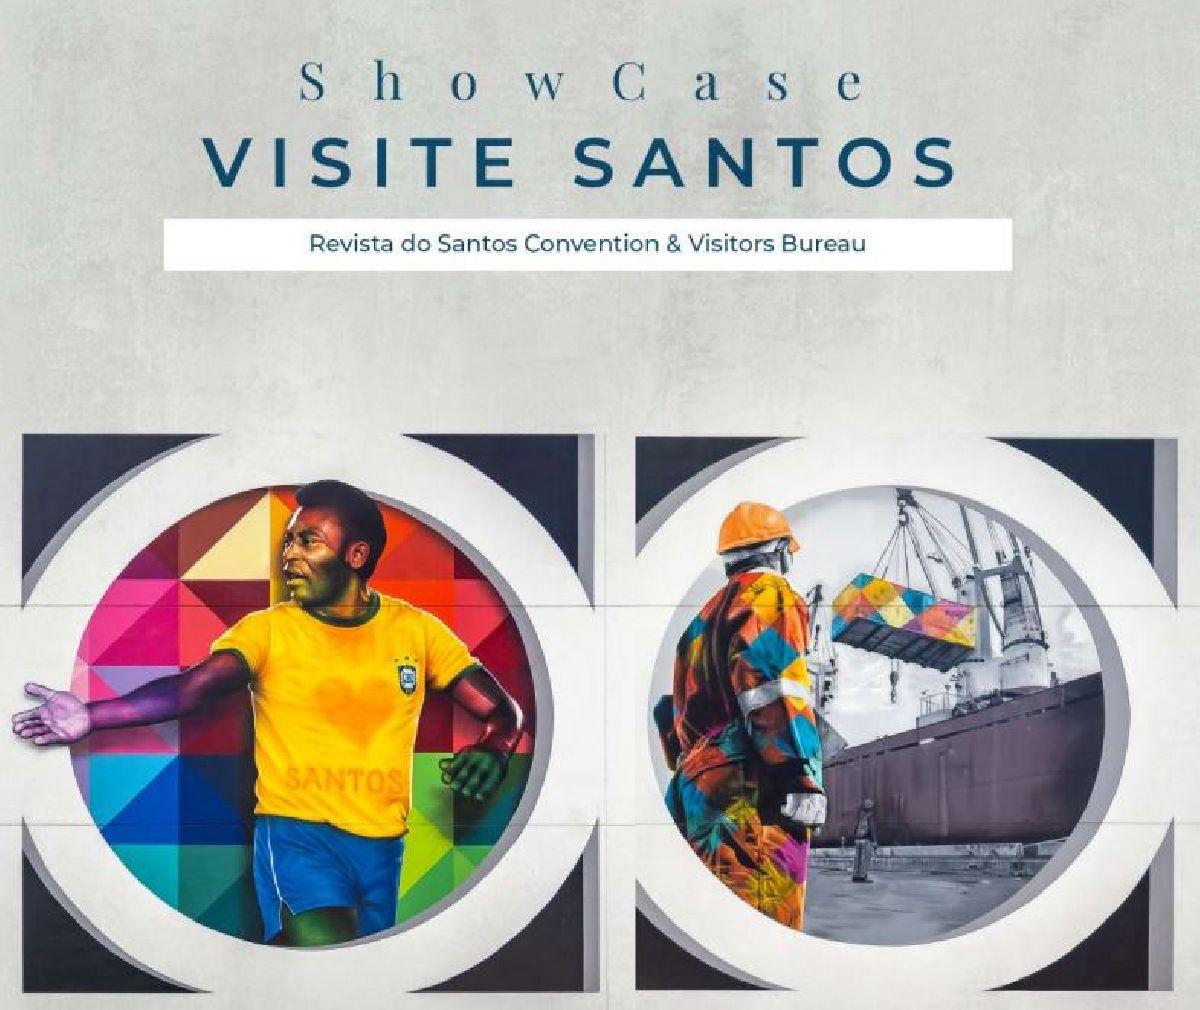 SANTOS BUREAU LANÇA SHOW CASE VISITE SANTOS 2020